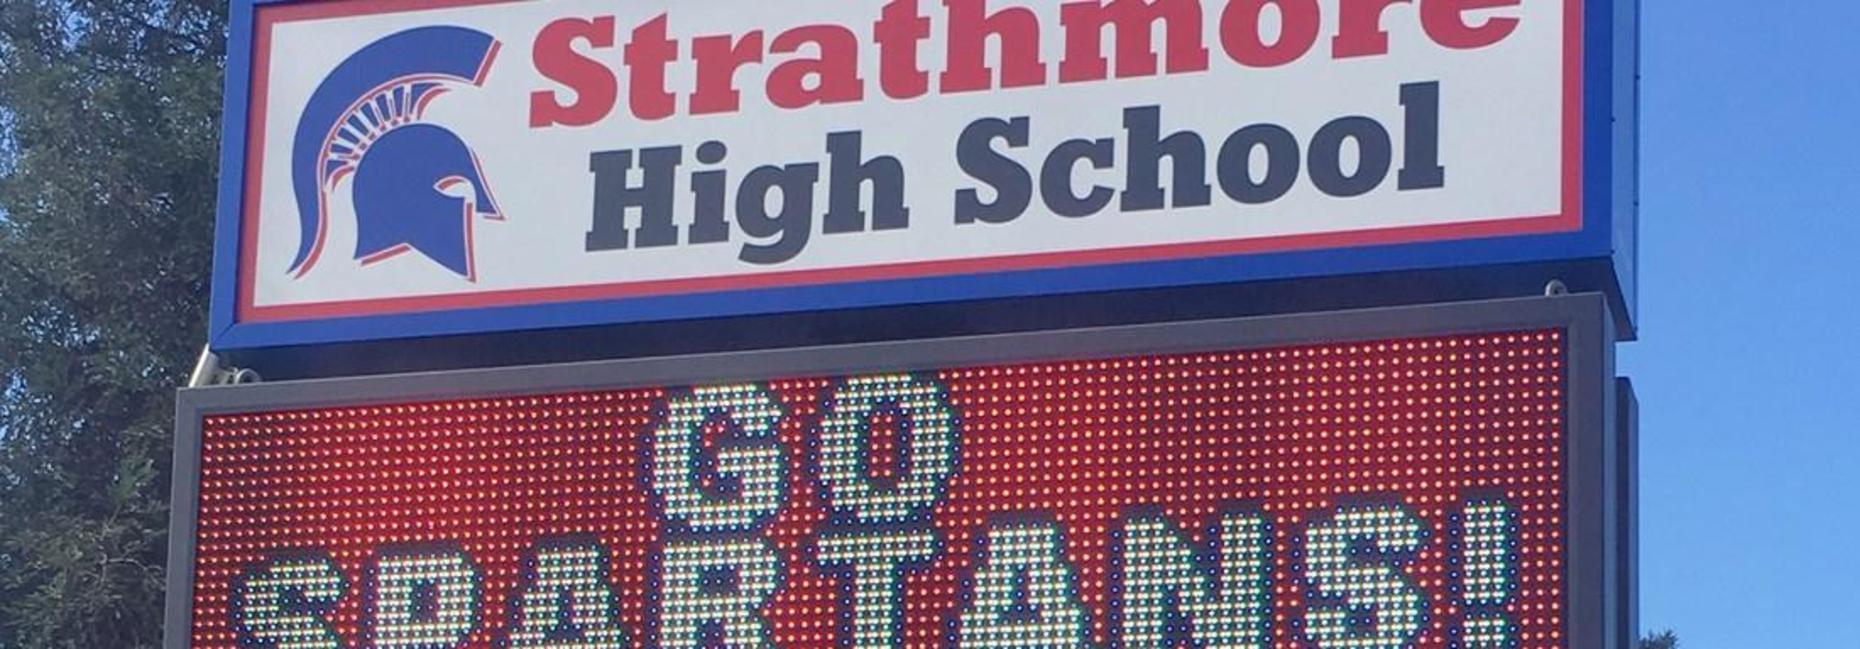 Strathmore High